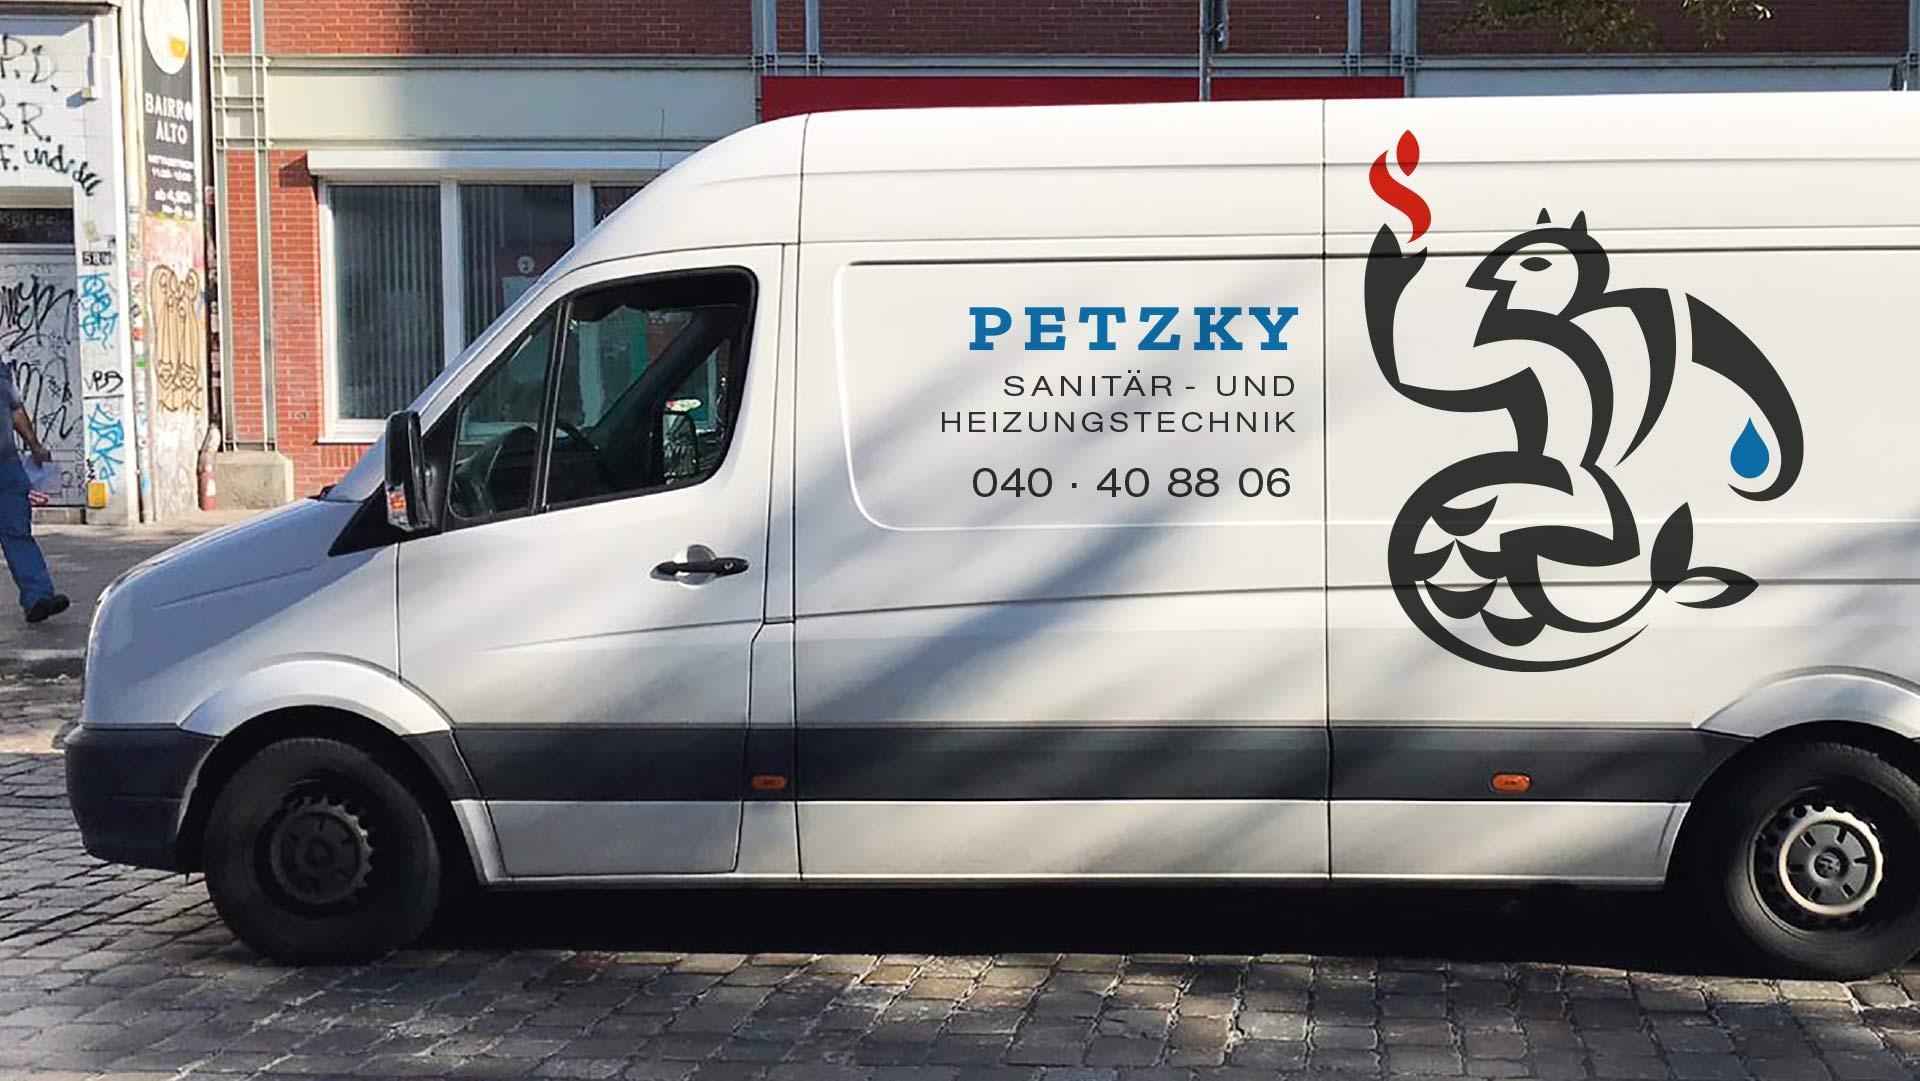 beschriftetes Auto der Firma Petzky Sanitär- und Heizungstechnik in einer Hamburger Straße